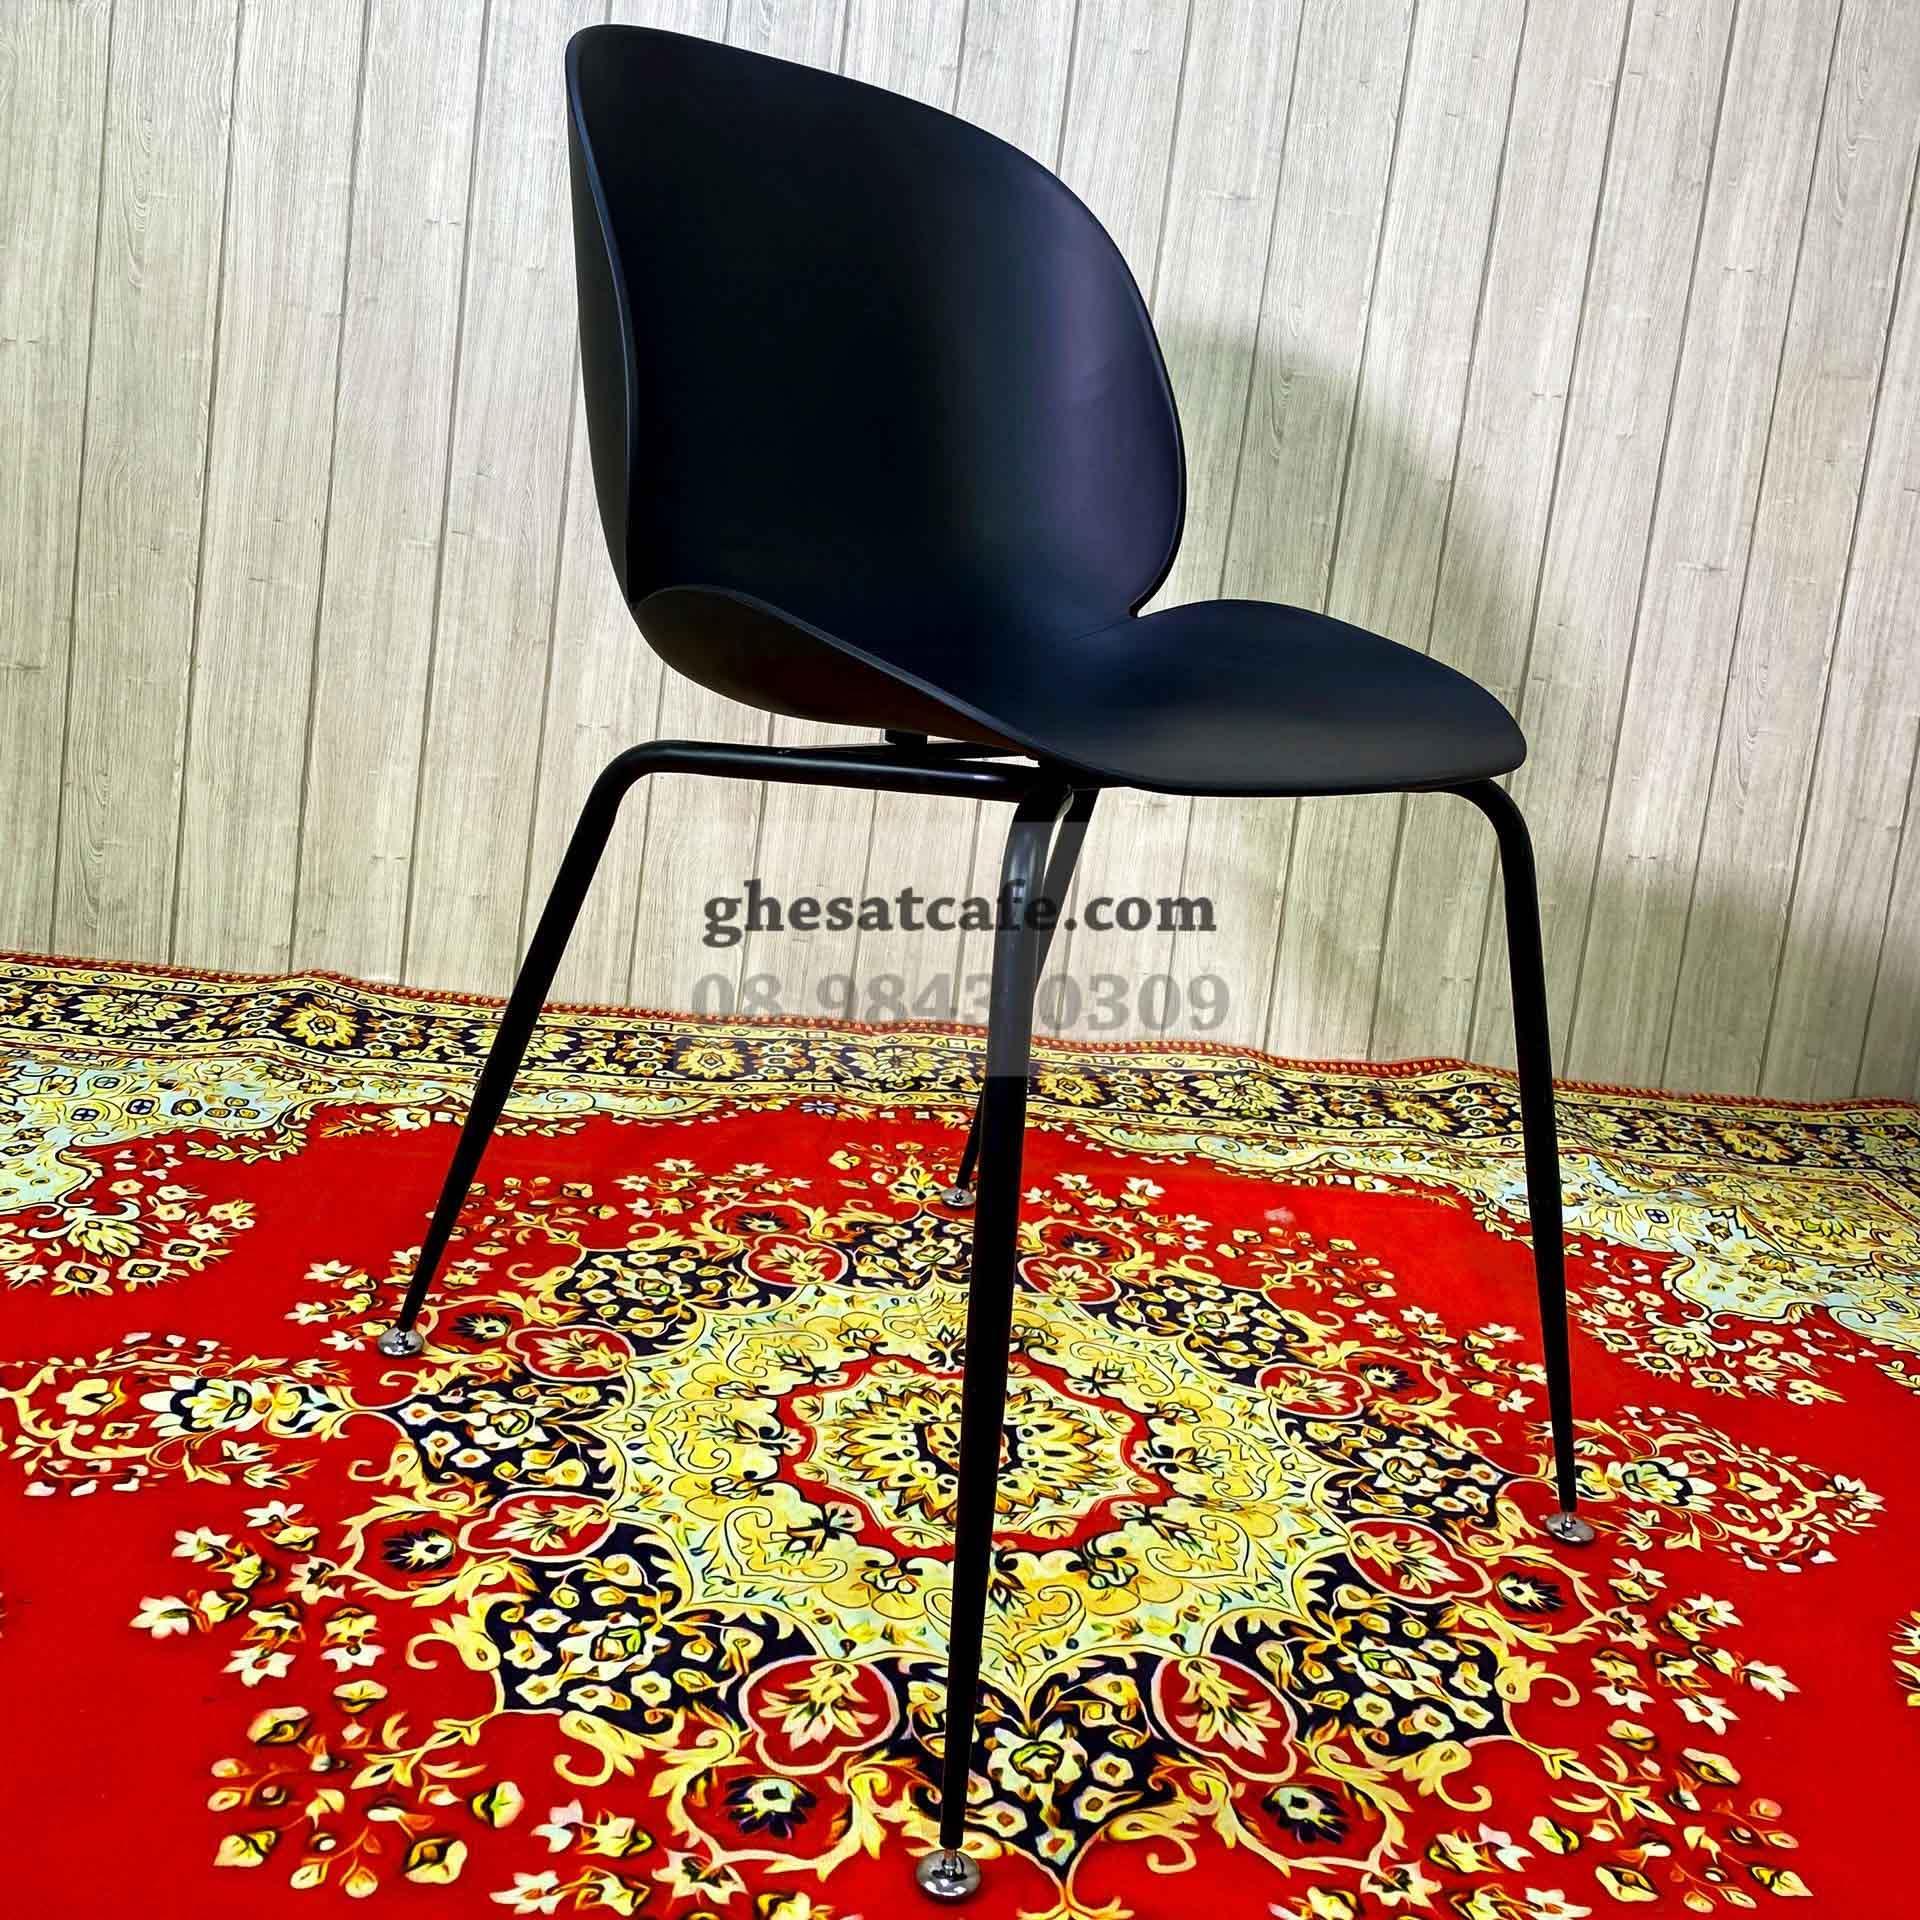 Các mẫu ghế Beetle thân nhựa đẹp (2)